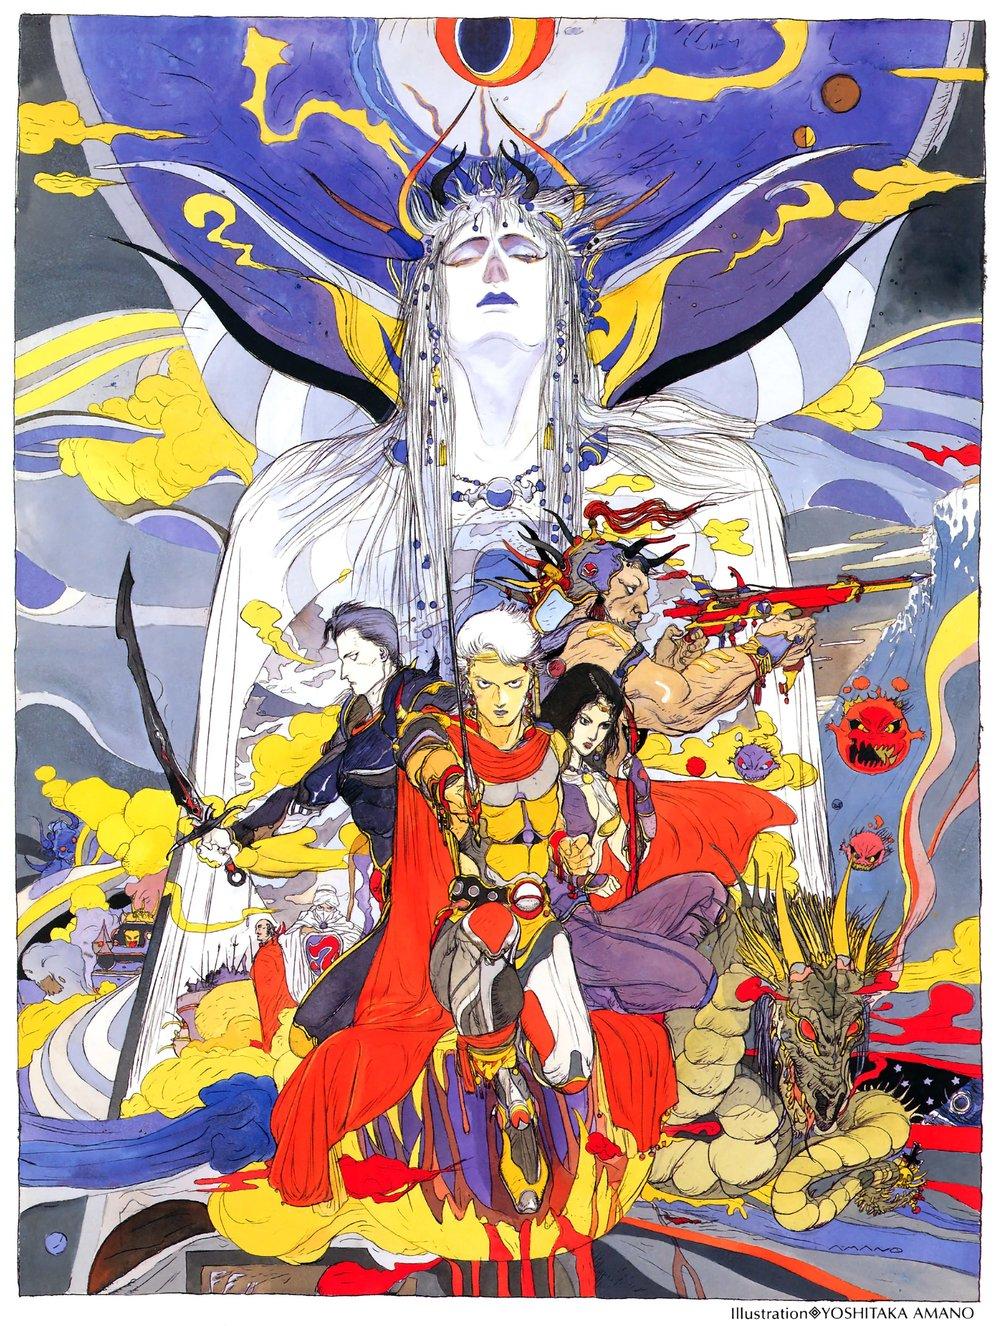 __bomb_emperor_frioniel_guy_josef_and_others_final_fantasy_and_final_fantasy_ii_drawn_by_amano_yoshitaka__caaada1000bb6719eeacbd5879453802.jpg